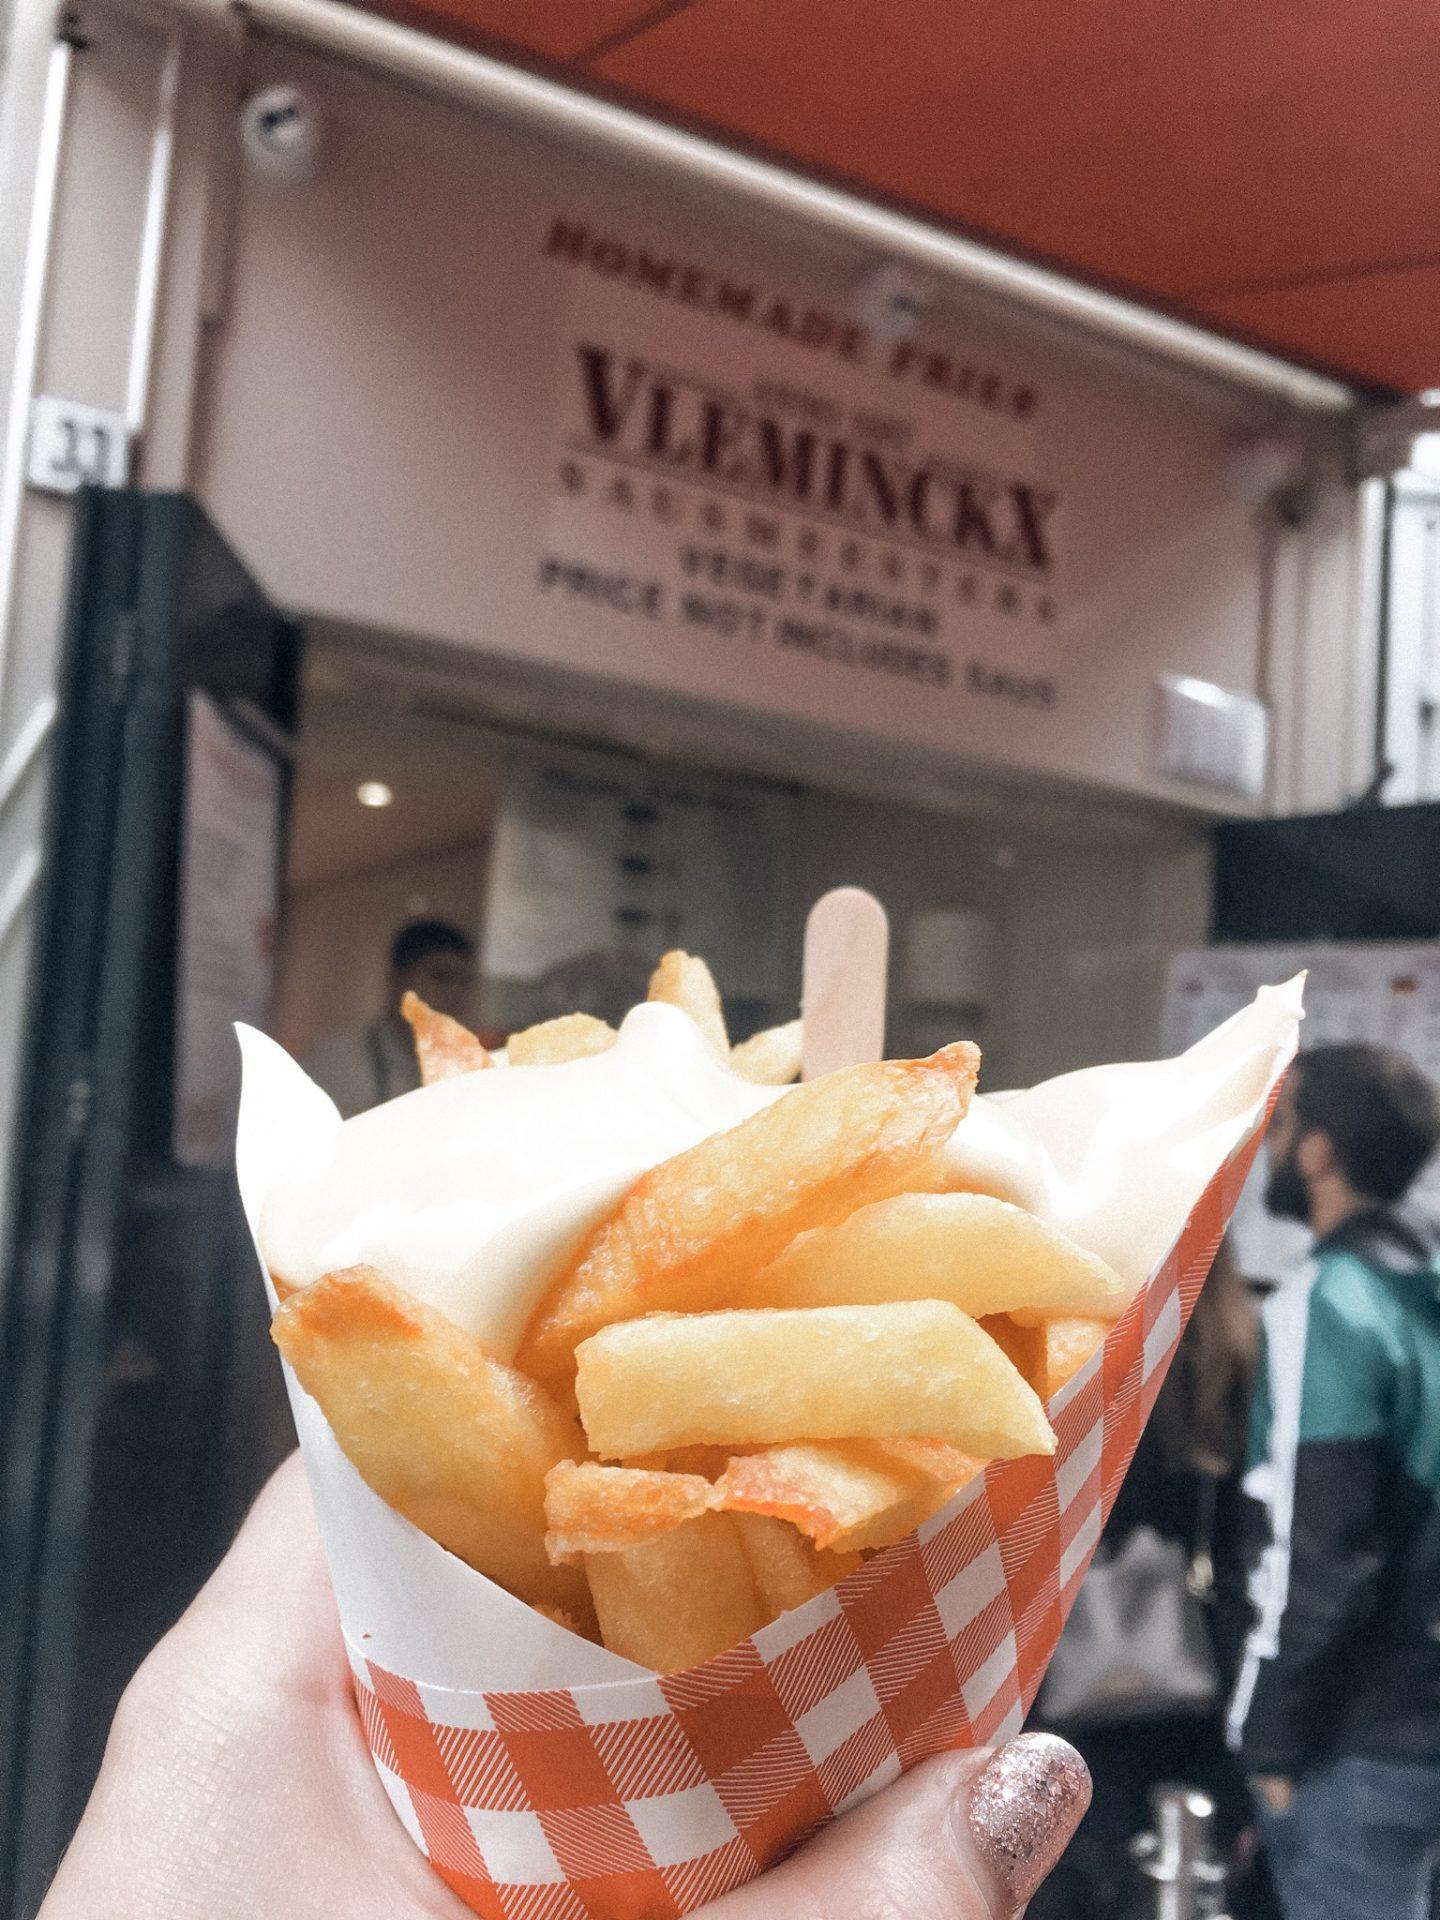 Vlaams Friteshuis Vleminckx fries in Amsterdam